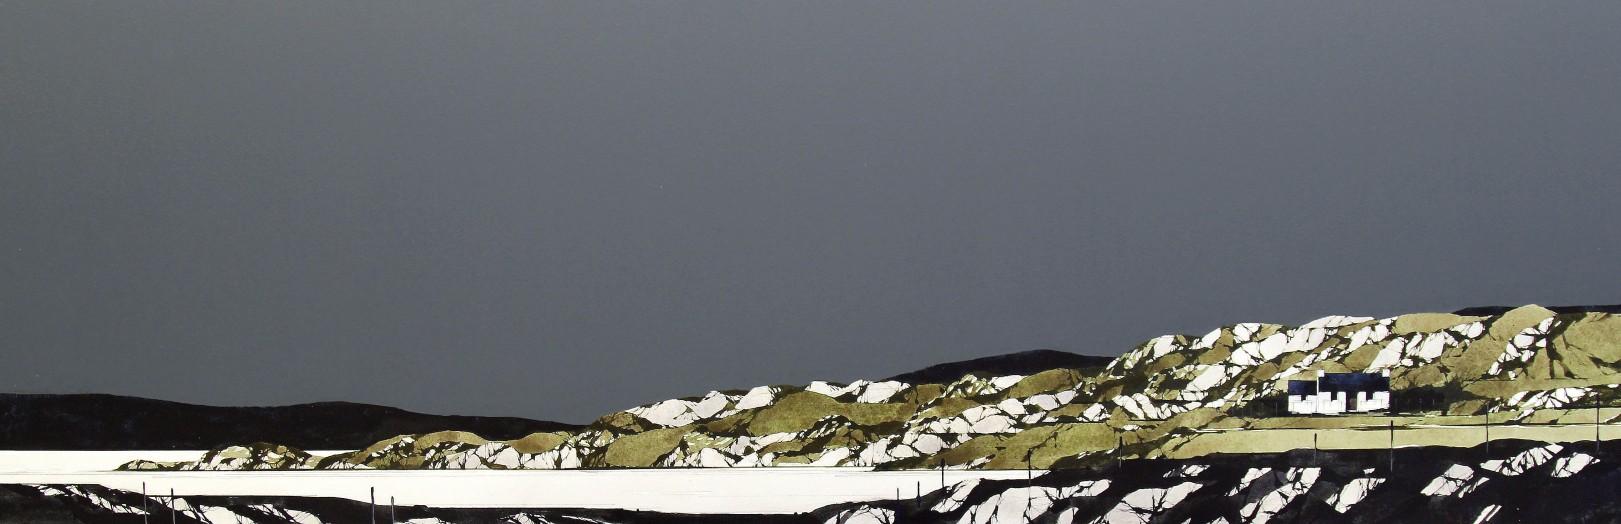 Ron Lawson_Fidden Bay, Mull II_EAS584_Watercolour & Gouache_13x38.5